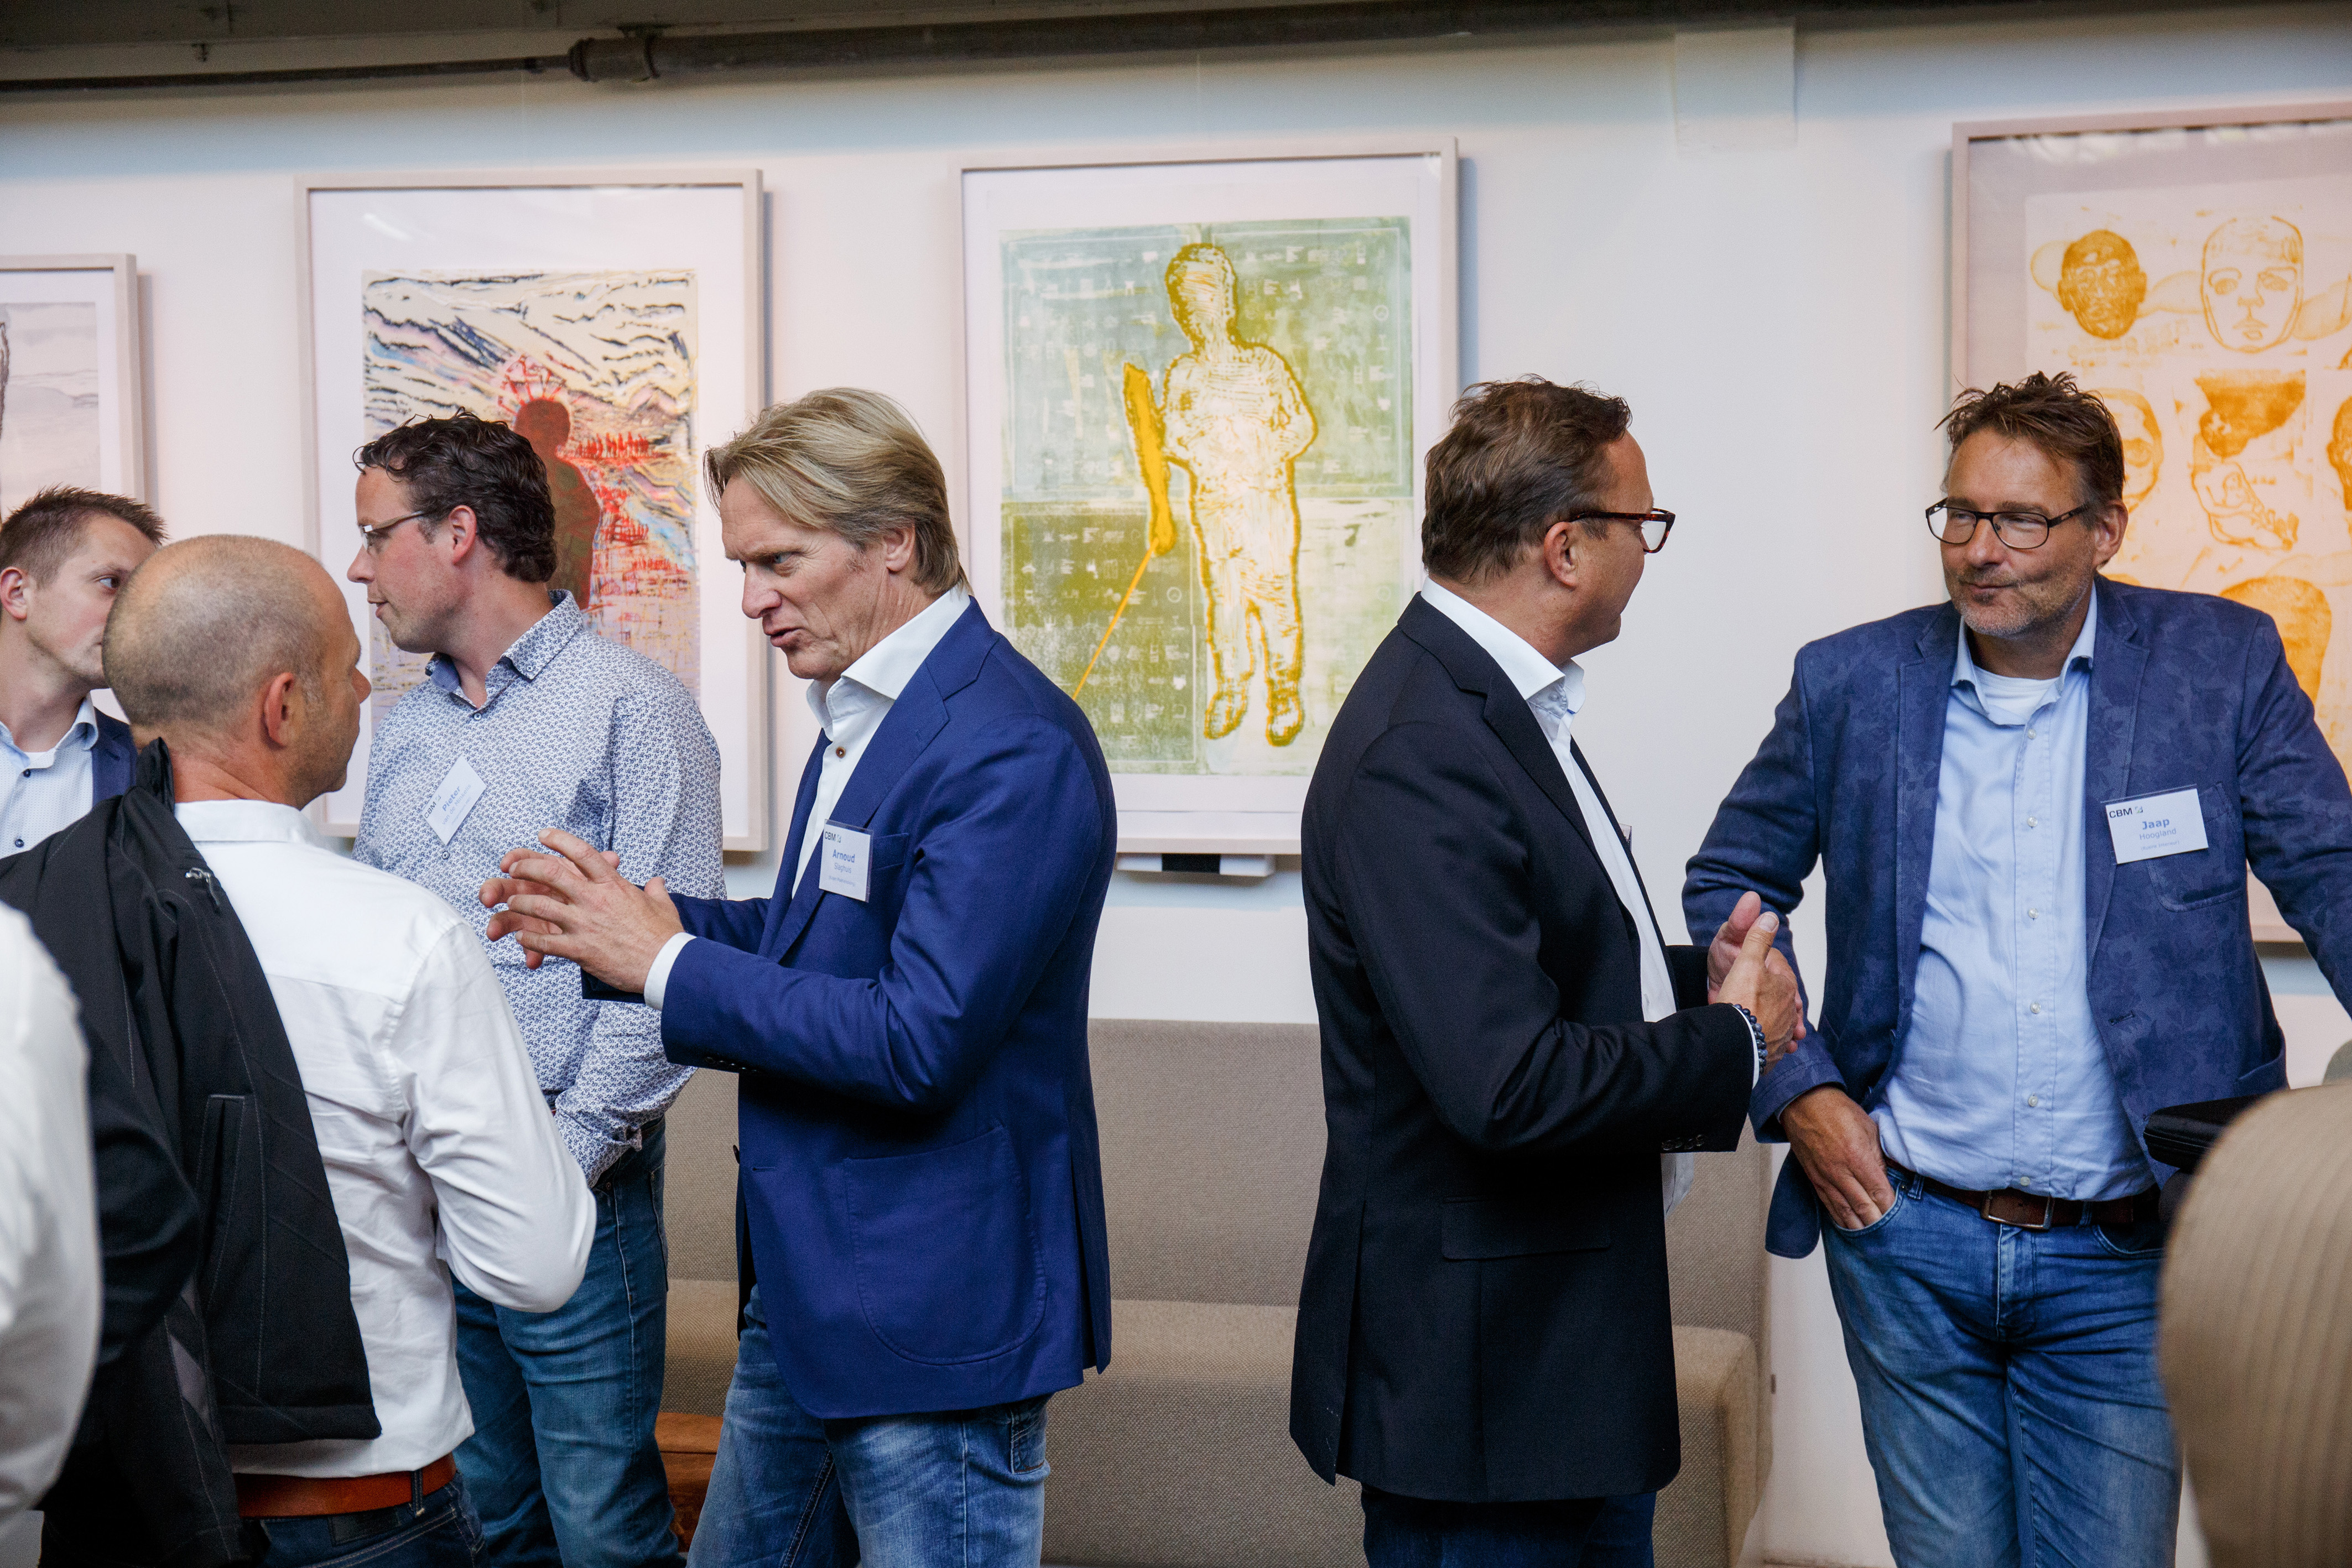 DE BEELDREDAKTIE / HERBERT WIGGERMAN TBV CBM MEETING IN DE GELDERLANDERFABRIEK CULEMBORG, 12 SEPTEMBER 2017